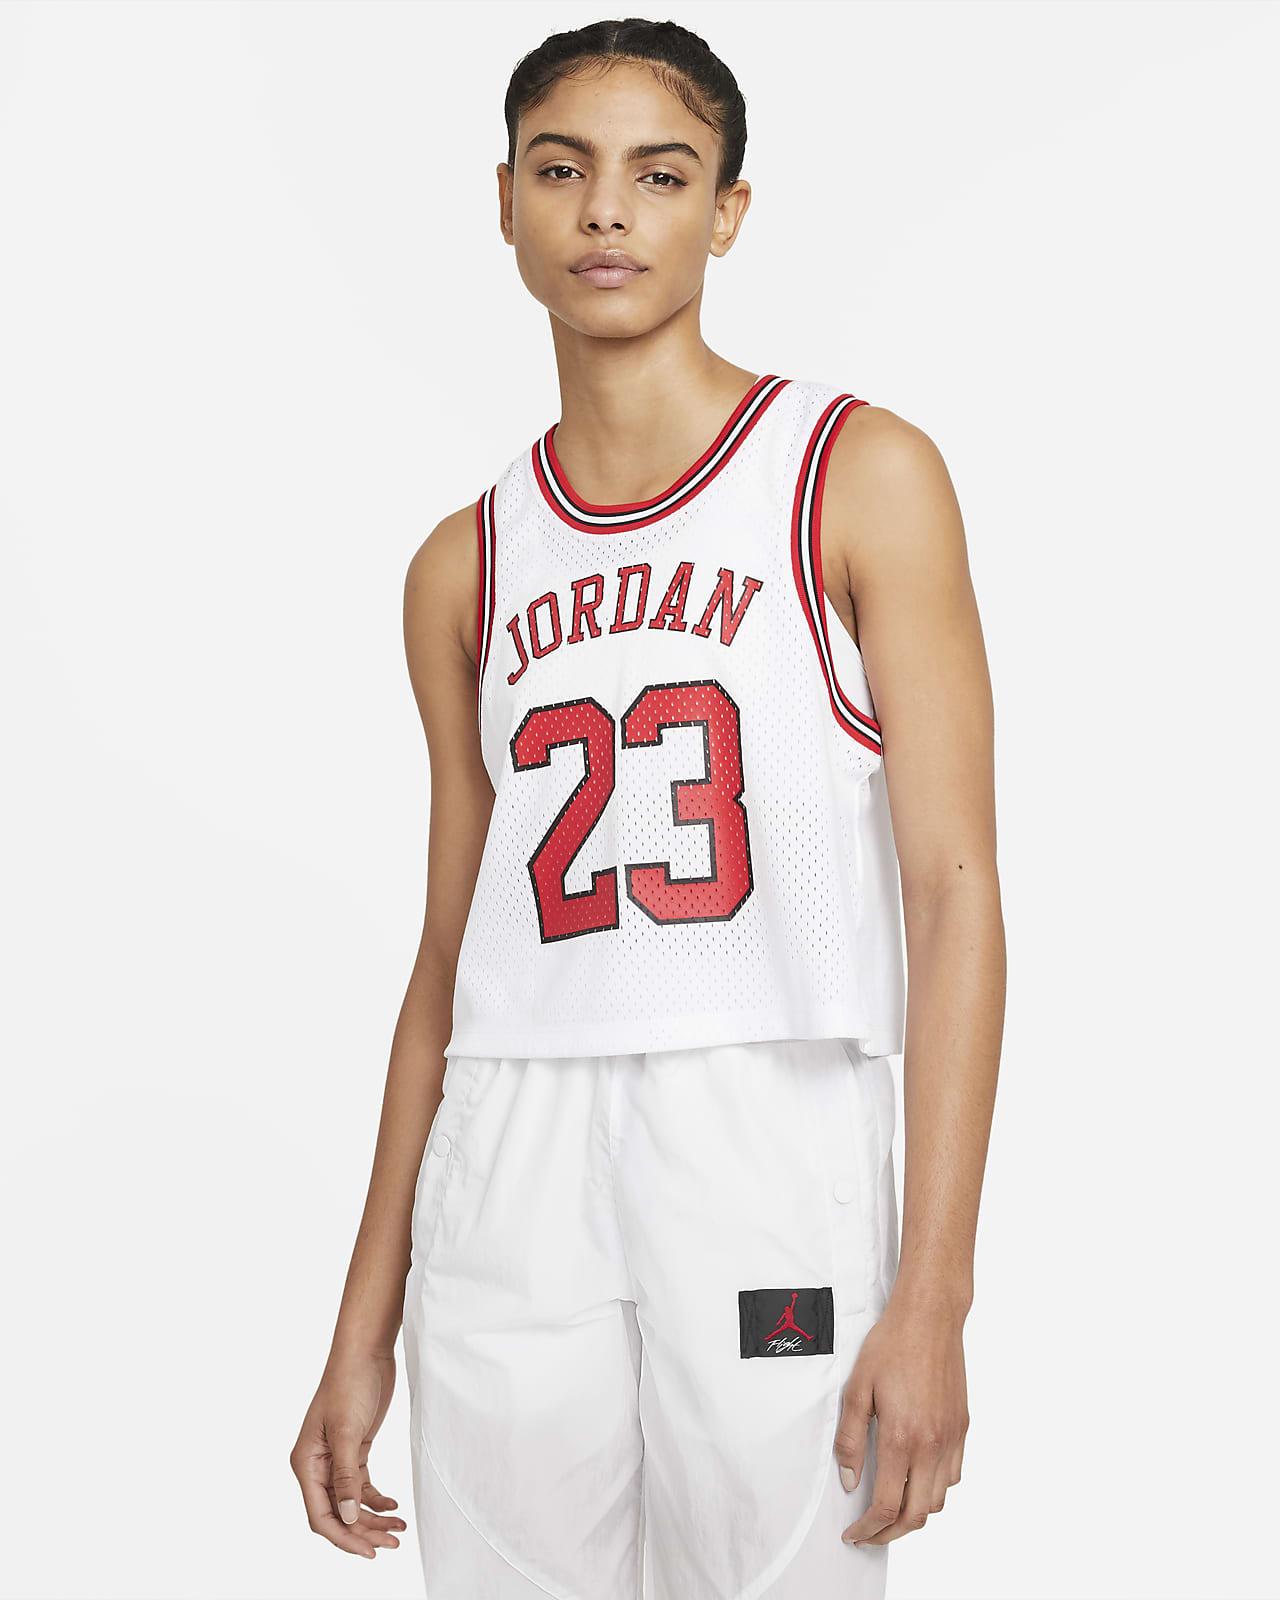 Jordan Essentials Women's Jersey